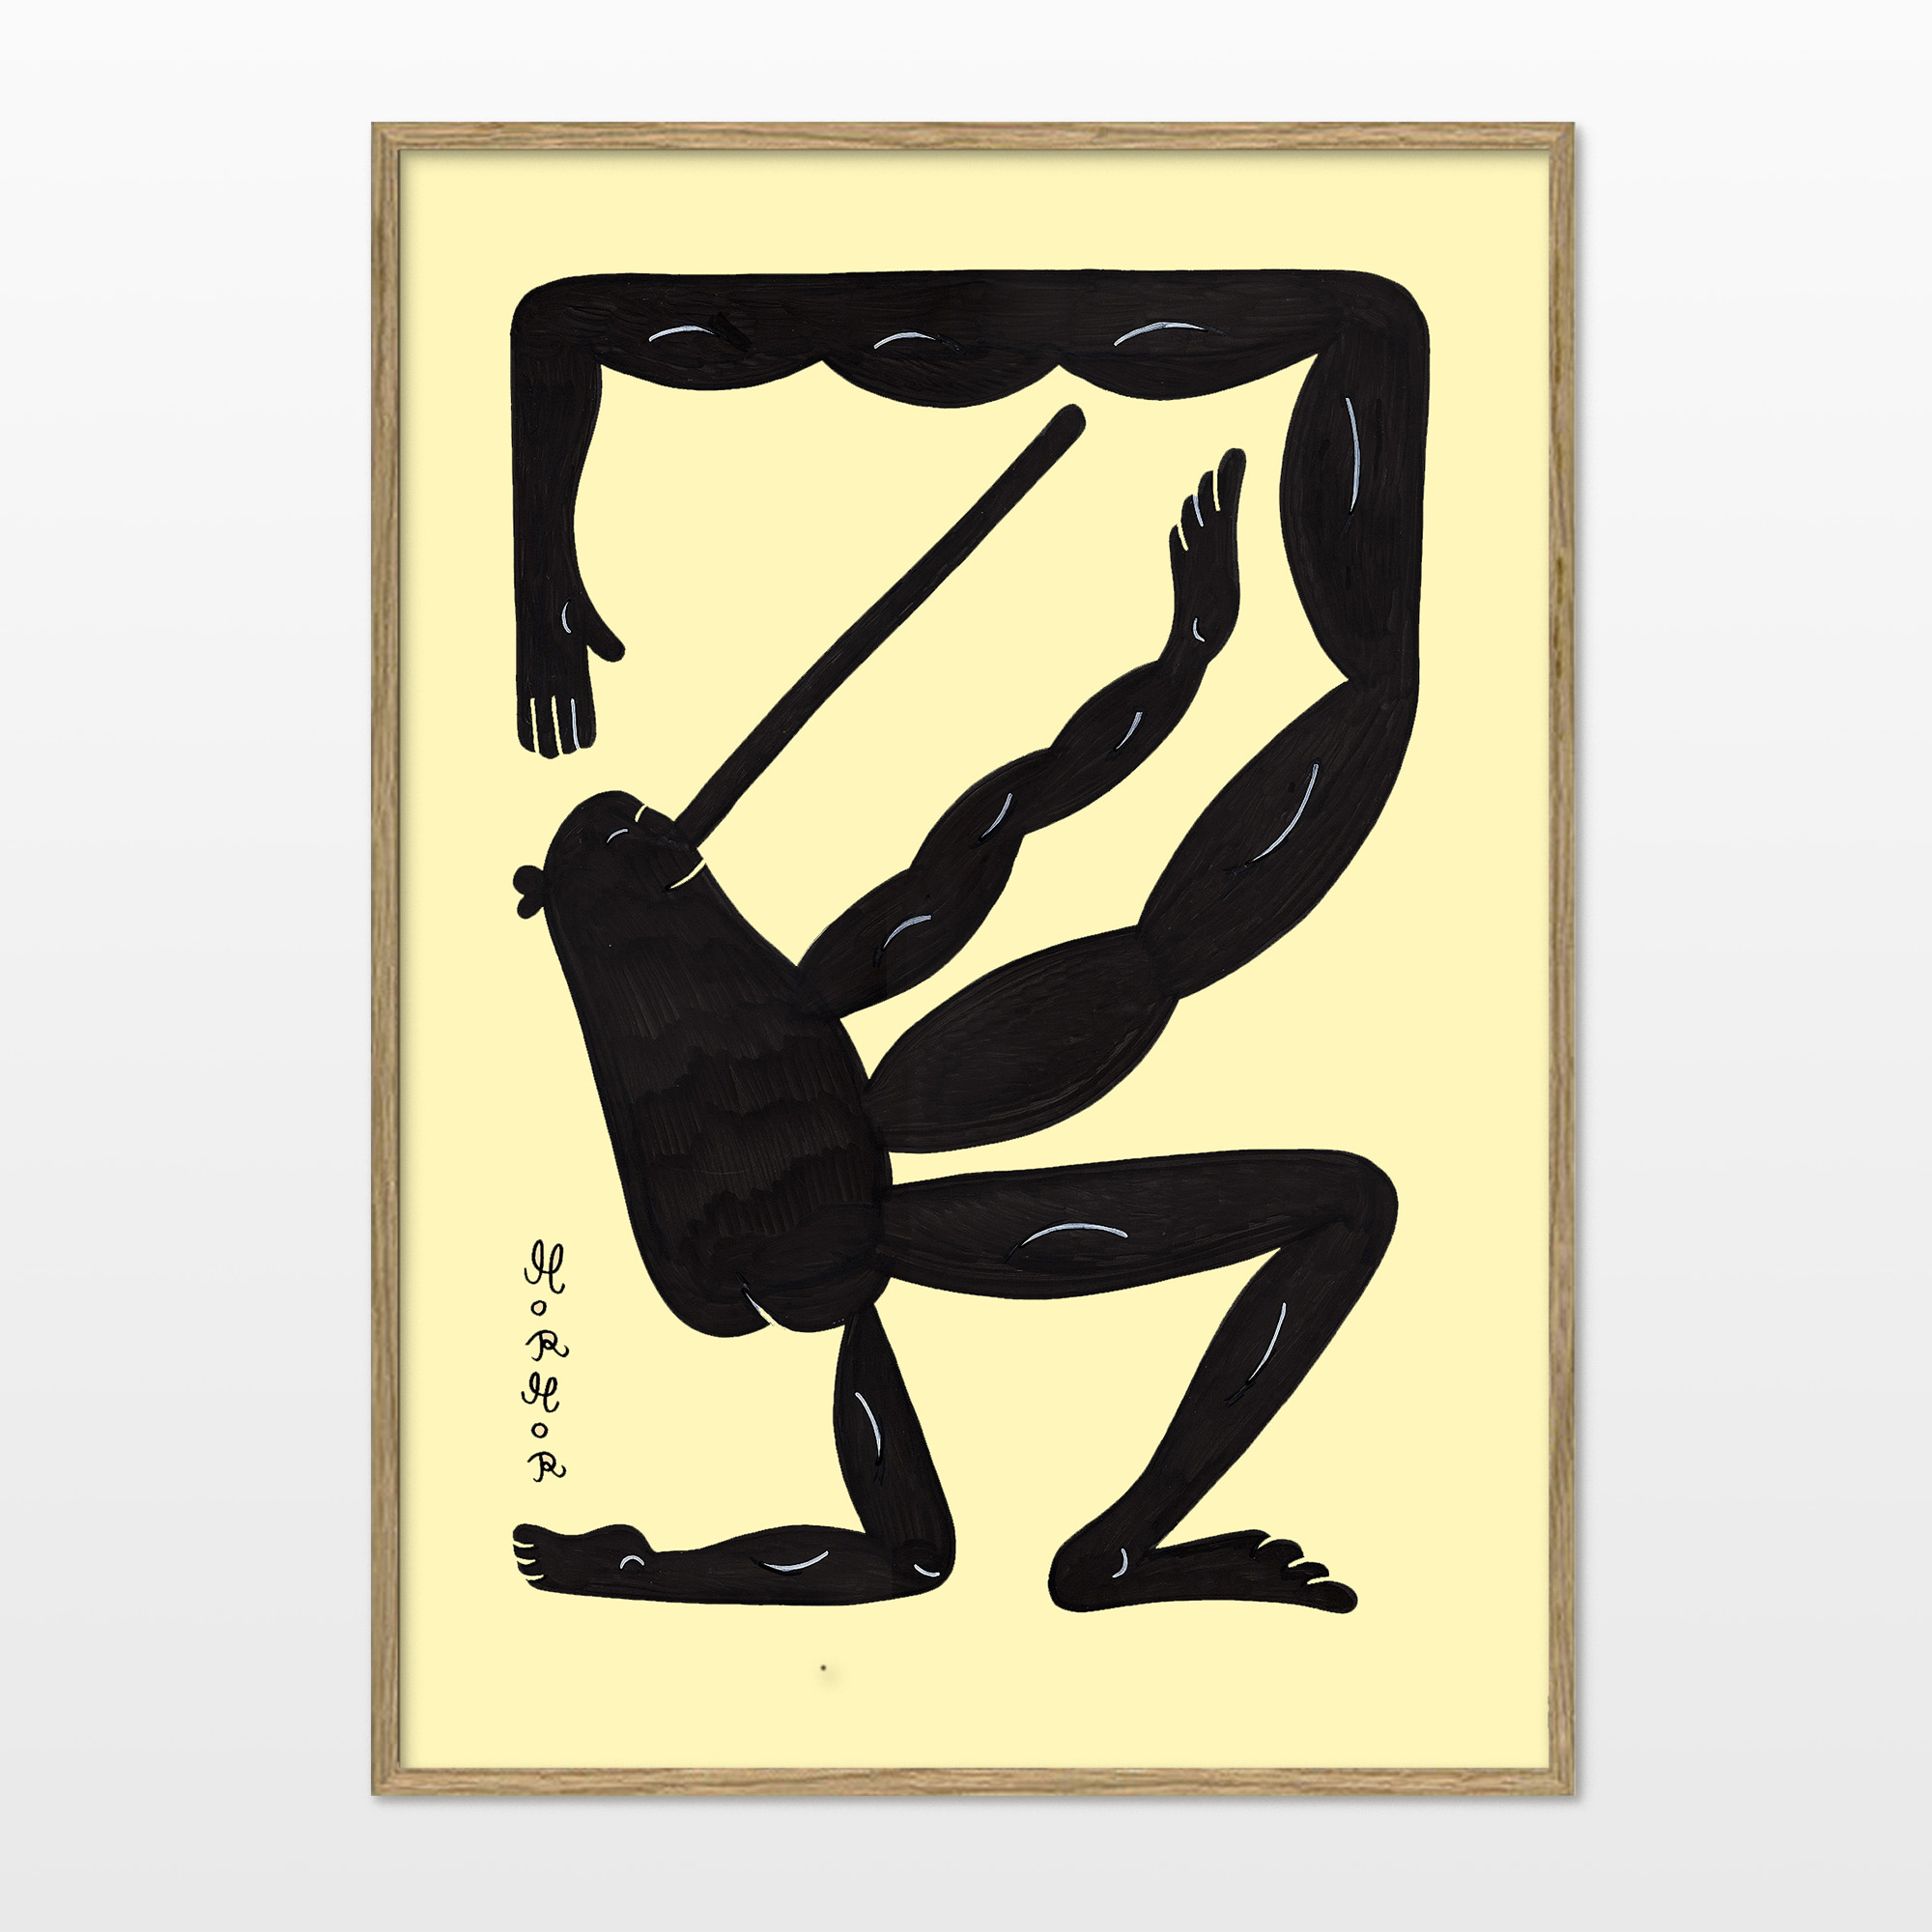 plakater-posters-kunsttryk, giclee-tryk, børnevenlige, figurative, grafiske, illustrative, pop, kroppe, tegneserier, humor, bevægelse, beige, sorte, blæk, papir, sjove, samtidskunst, dekorative, interiør, bolig-indretning, moderne, plakater, Køb original kunst og kunstplakater. Malerier, tegninger, limited edition kunsttryk & plakater af dygtige kunstnere.